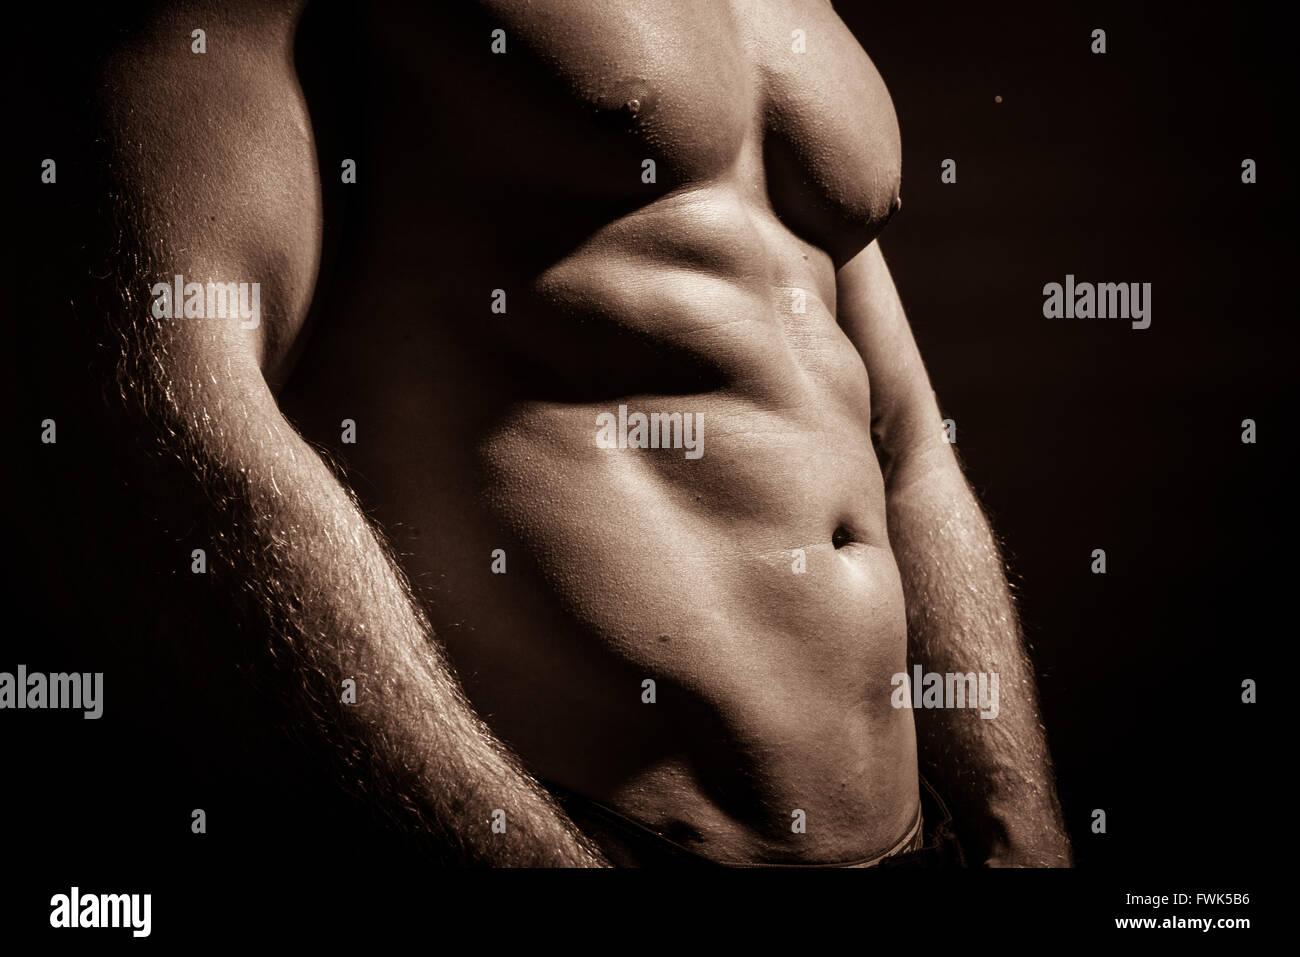 Parte media de descamisados musculoso Hombre de pie contra el fondo negro Imagen De Stock